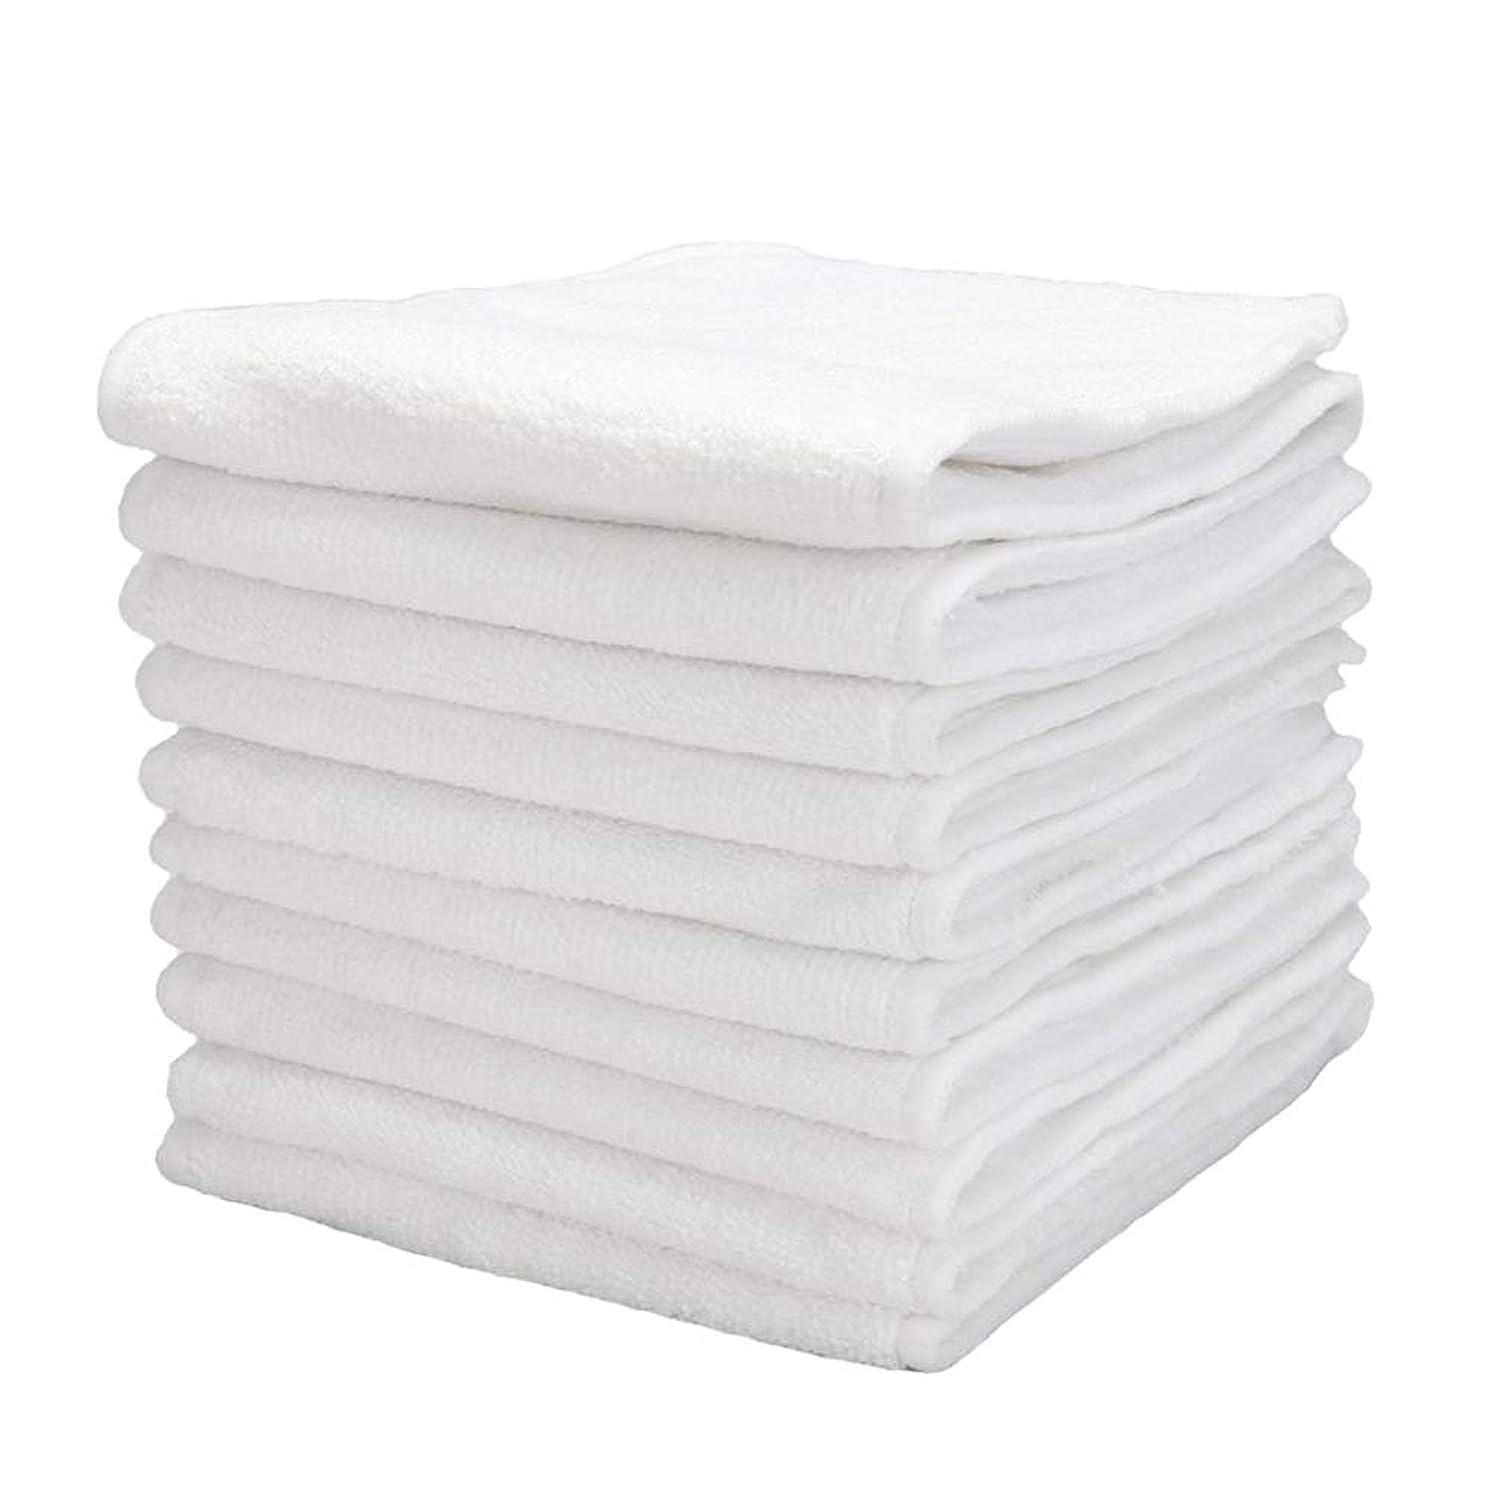 独立明らかアリーナHealifty ベッド保護のためのおむつ洗える3層布アンダーパッド5個